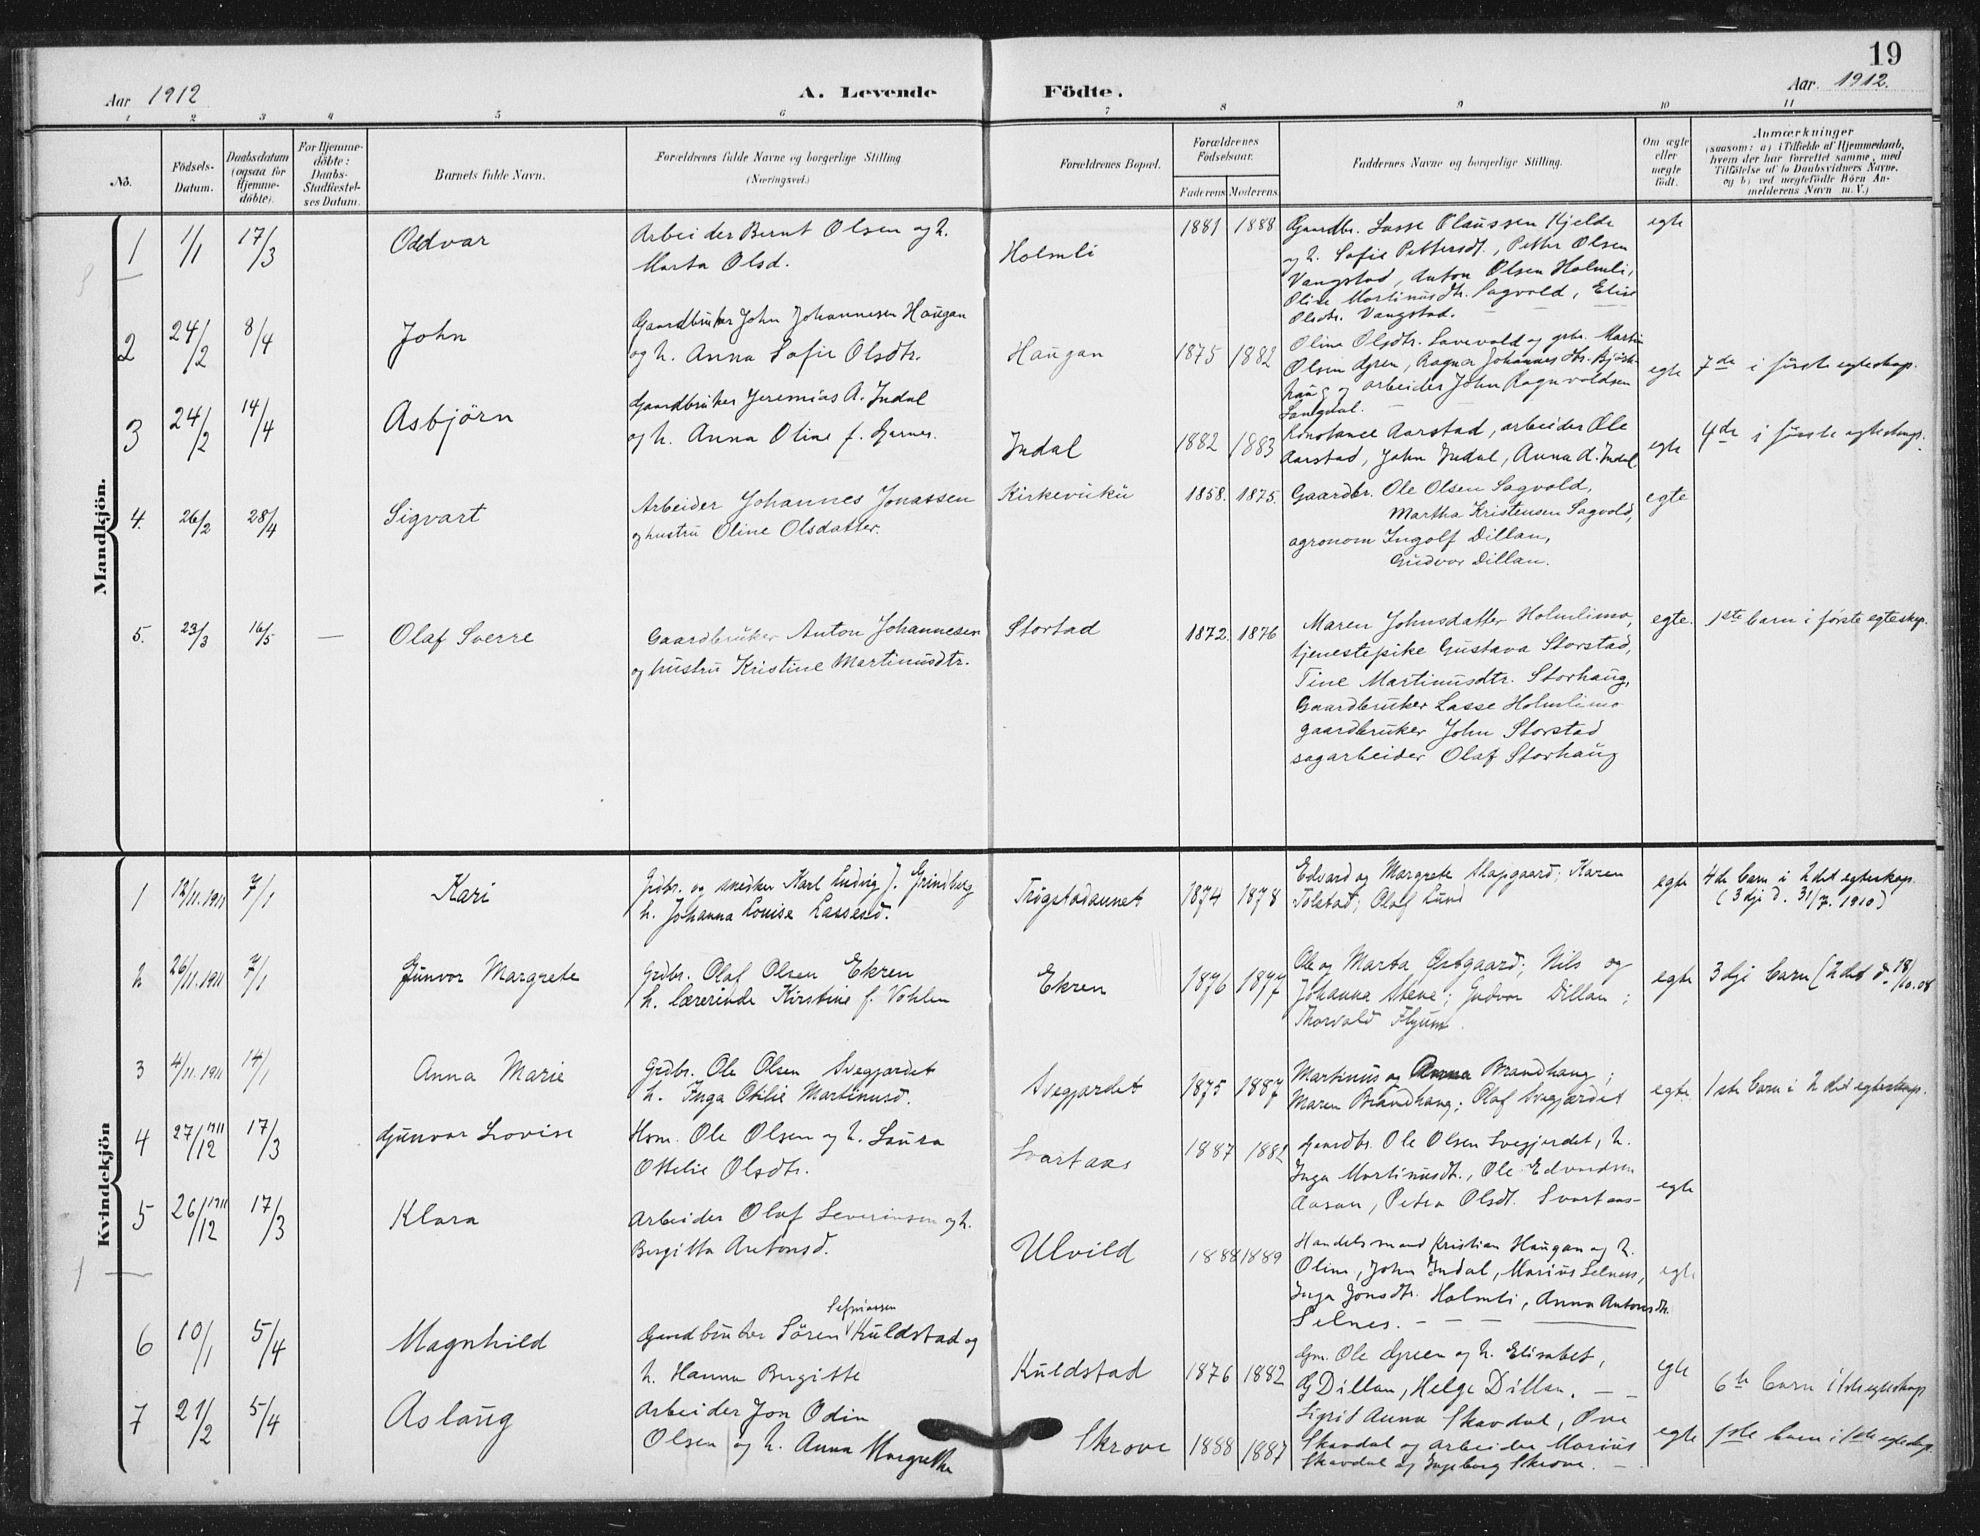 SAT, Ministerialprotokoller, klokkerbøker og fødselsregistre - Nord-Trøndelag, 724/L0264: Ministerialbok nr. 724A02, 1908-1915, s. 19